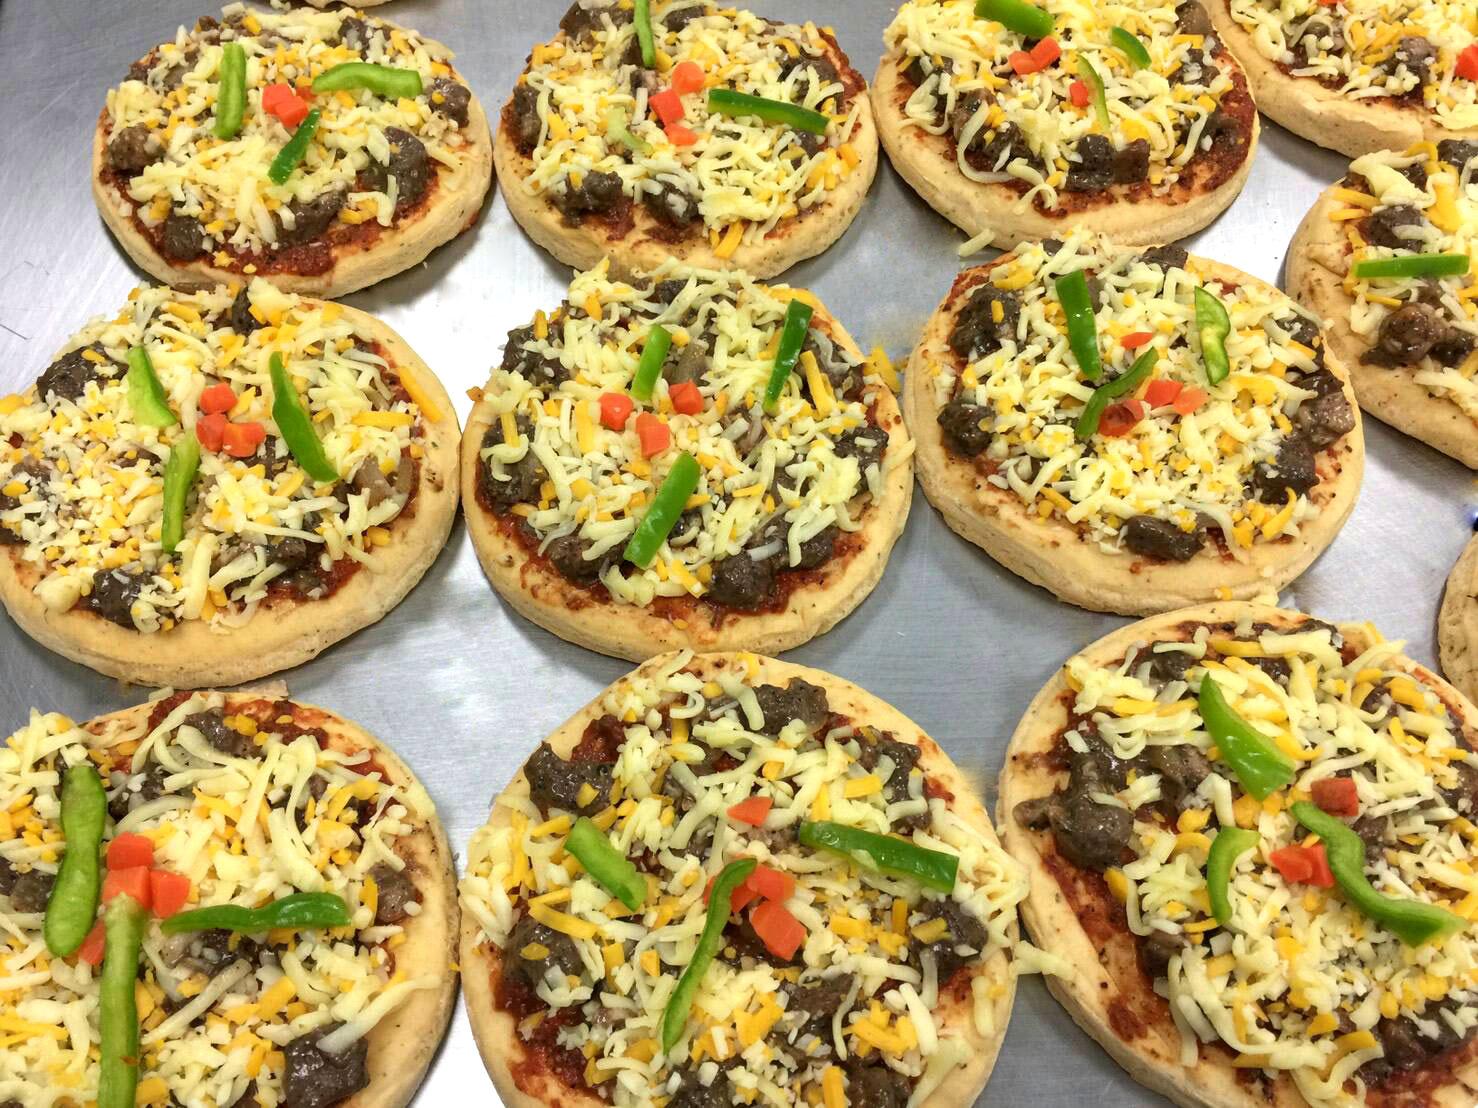 瑪莉屋口袋比薩pizza【披薩任選10片組】免運 8